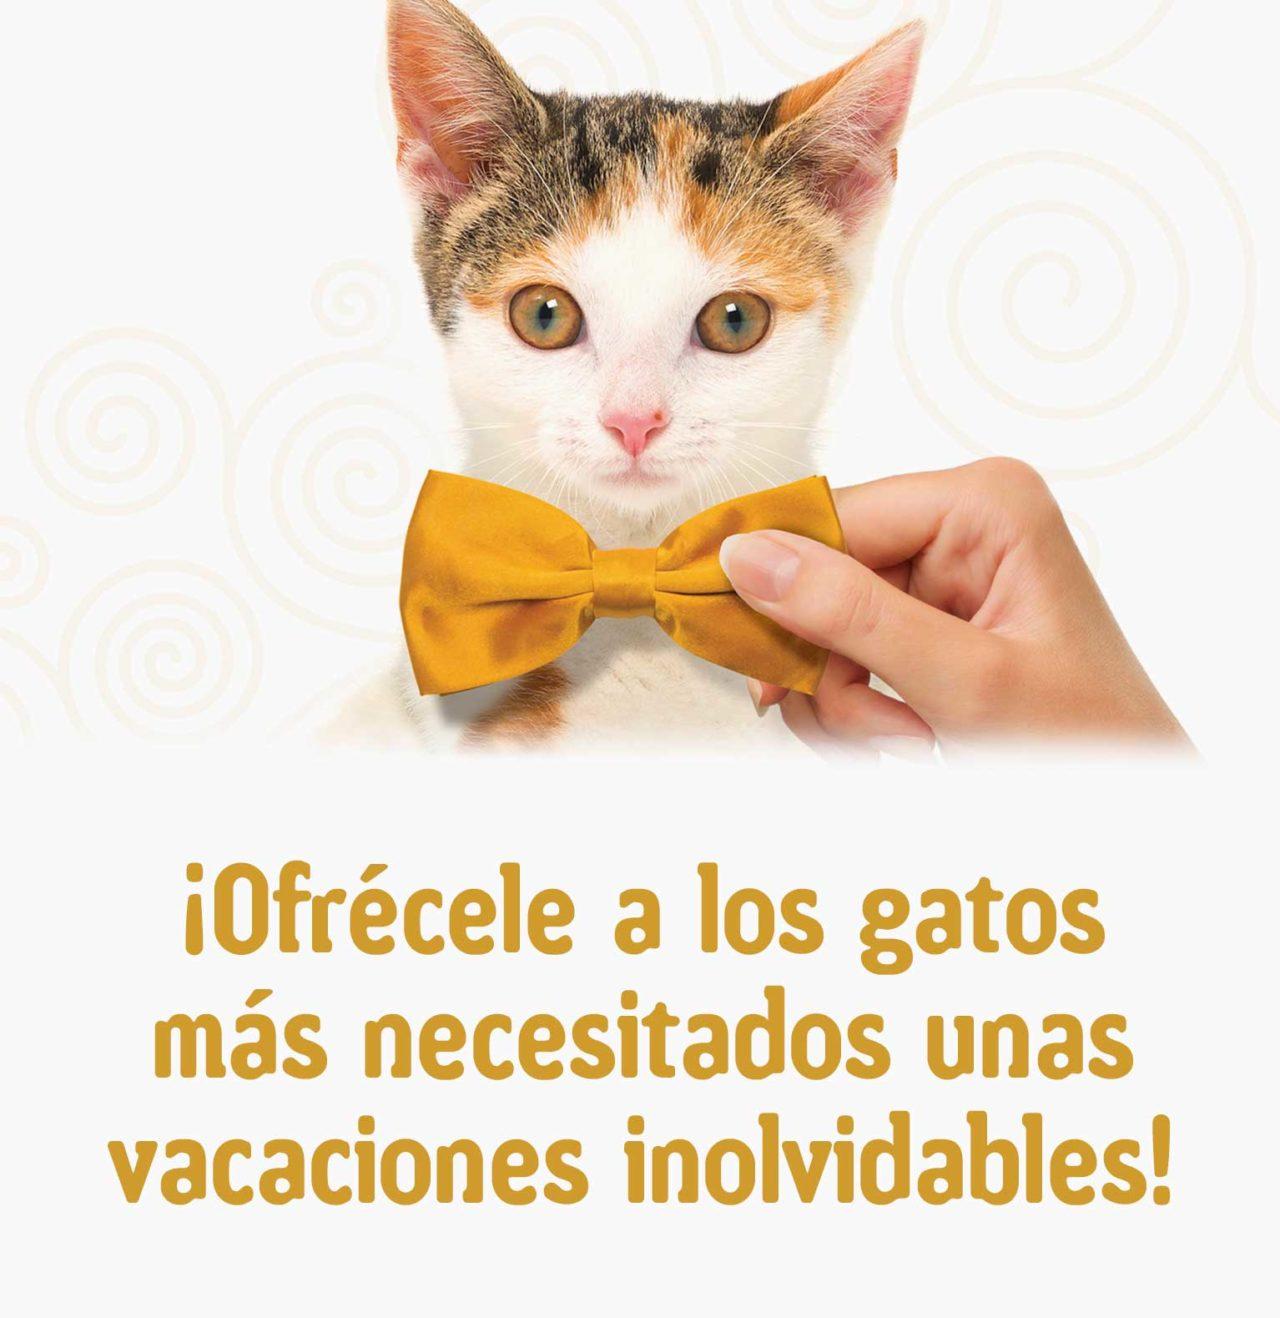 ¡Ofrécele a los gatos más necesitados unas vacaciones inolvidables!